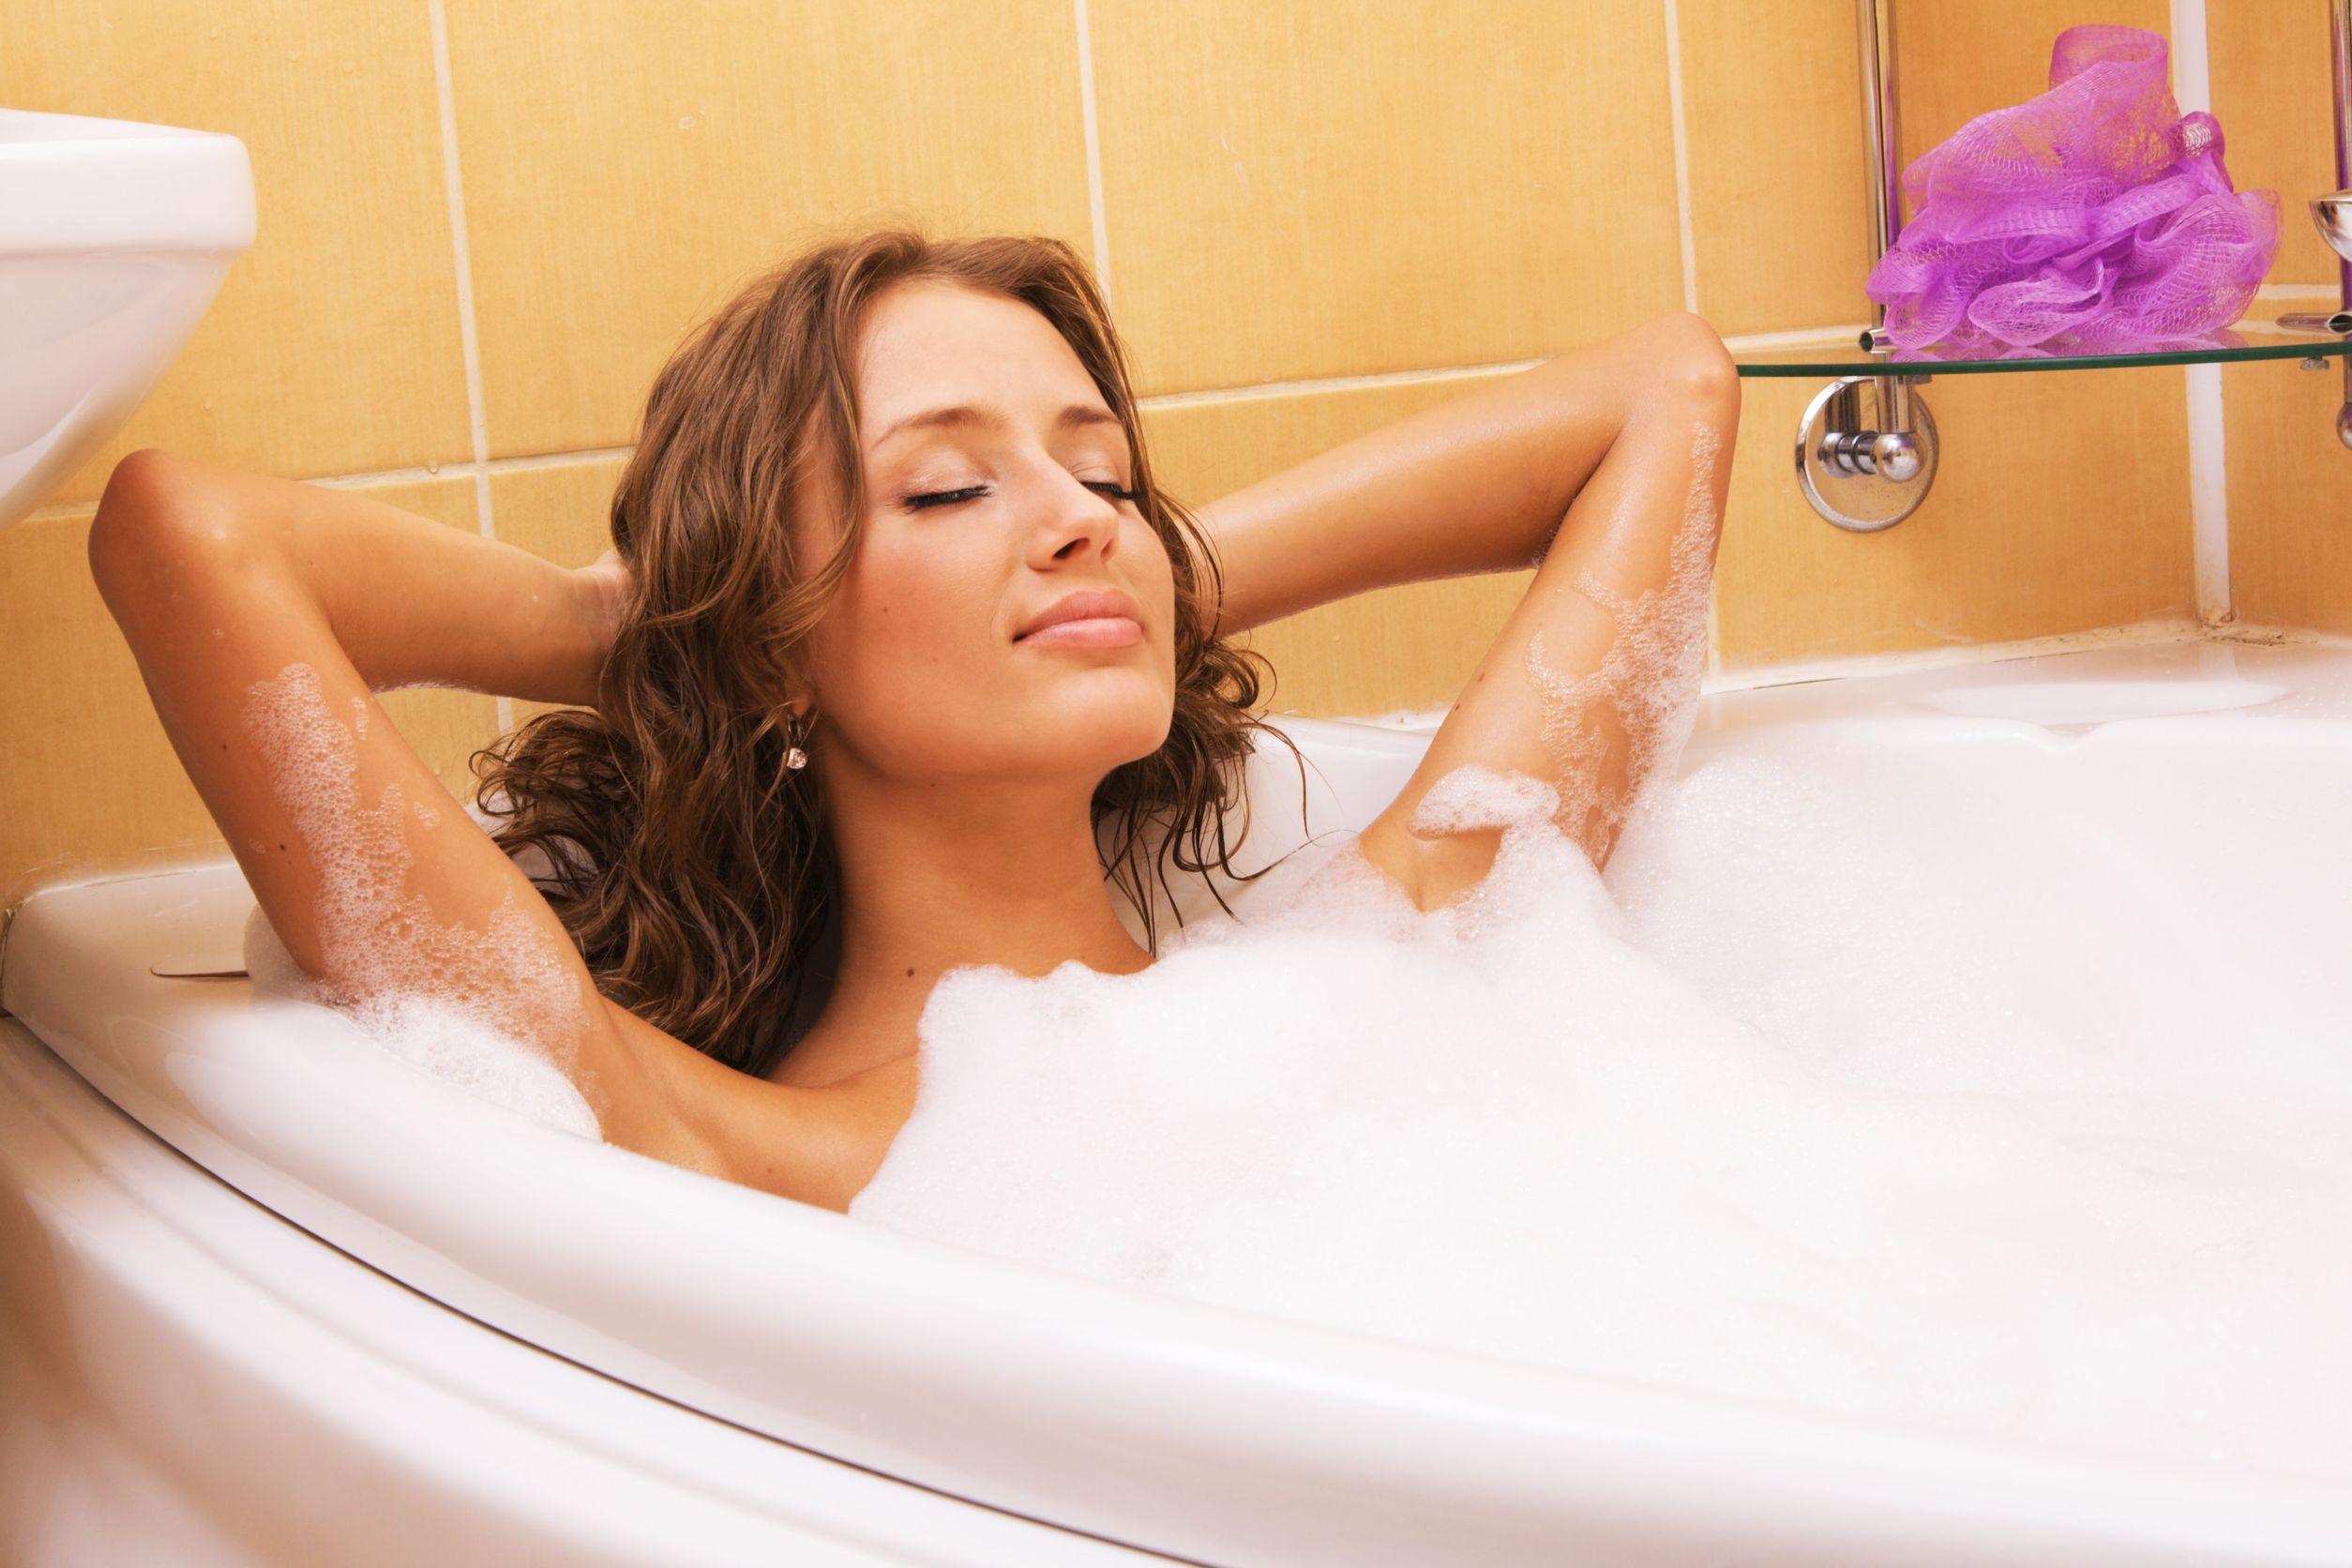 Расслабленные женщины фото 14 фотография